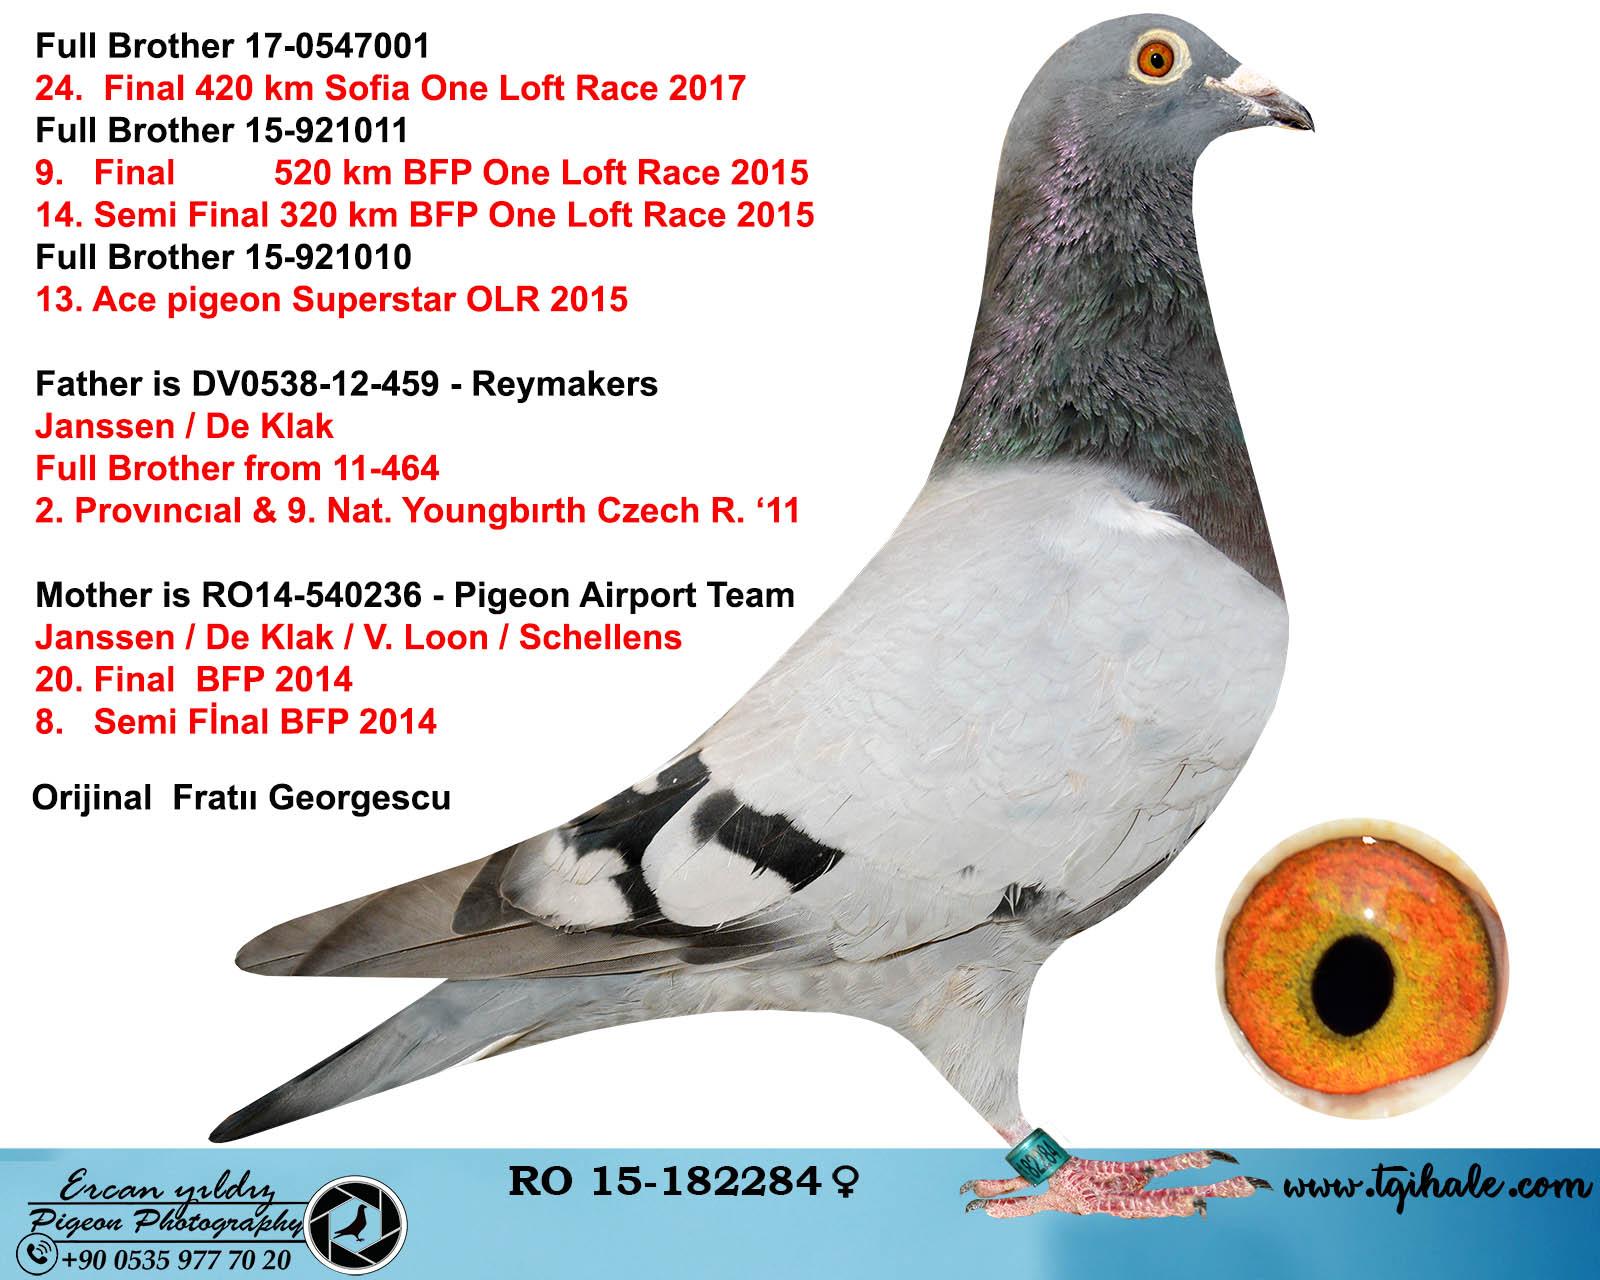 RO15-182284 DİŞİ / KARDEŞİ 24. FİNAL 420 KM SOFİA OLR / KARDESI 9. FİNAL BFP 520 KM